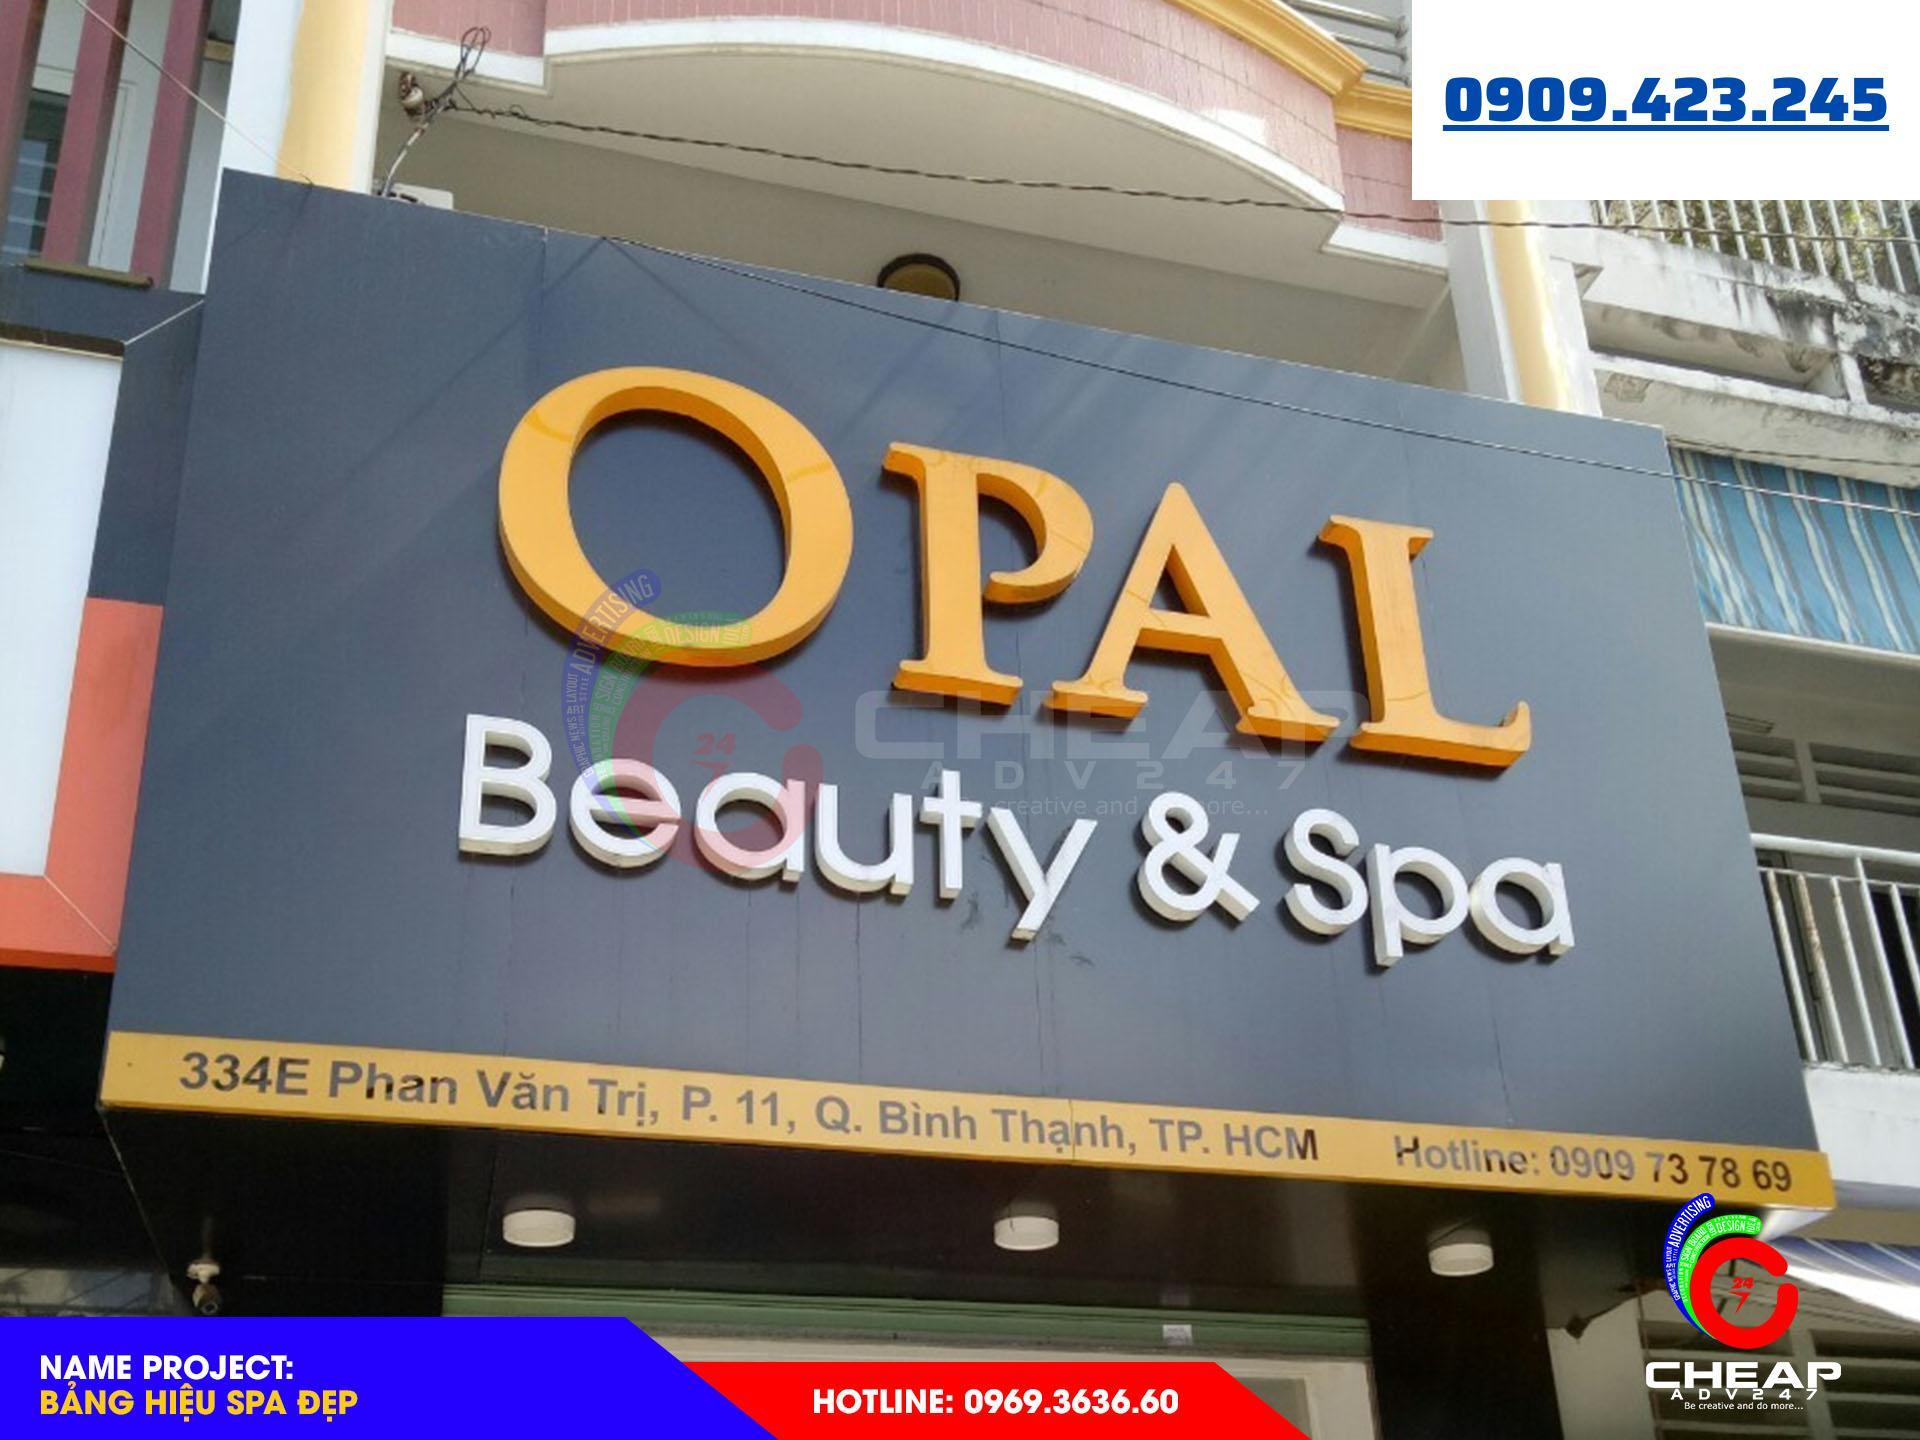 Làm bảng hiệu tại quận Bình Thạnh của K69adv - Opal spa